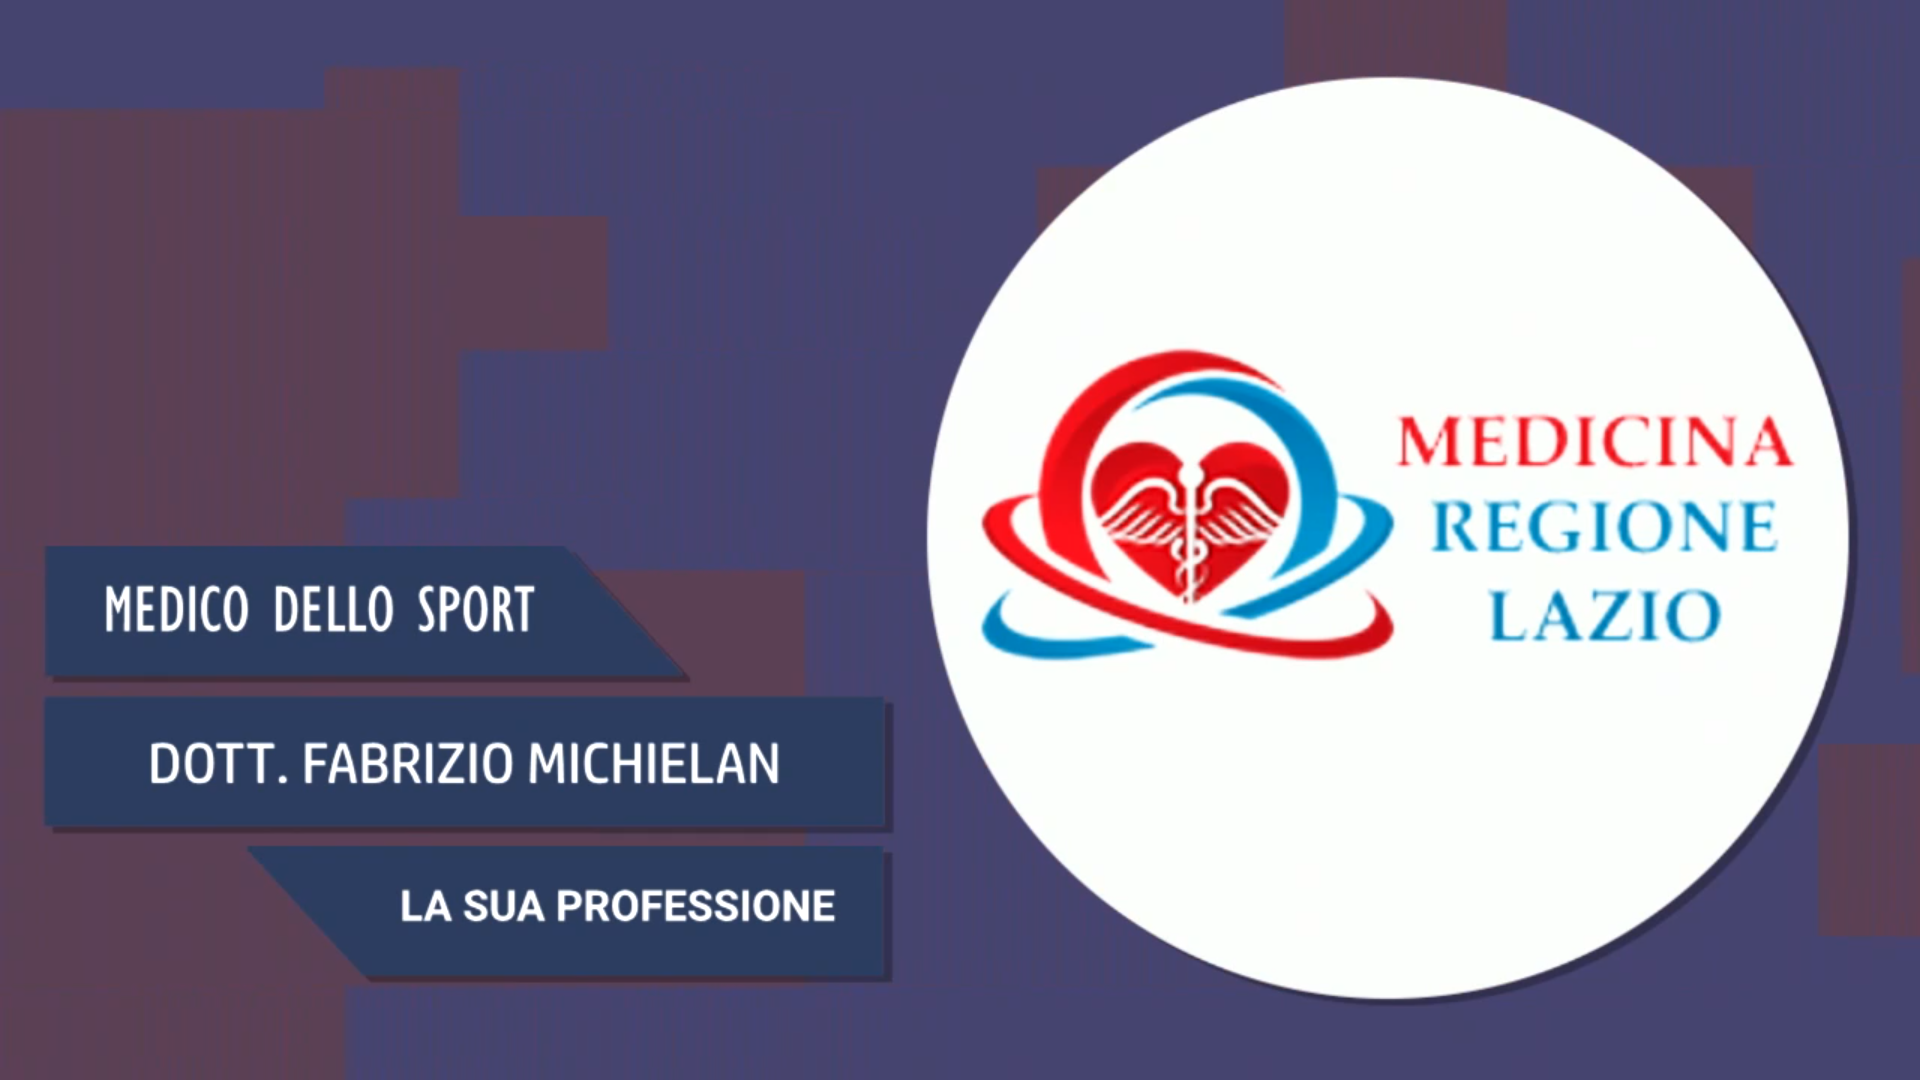 Intervista al Dott. Fabrizio Michielan – La sua professione